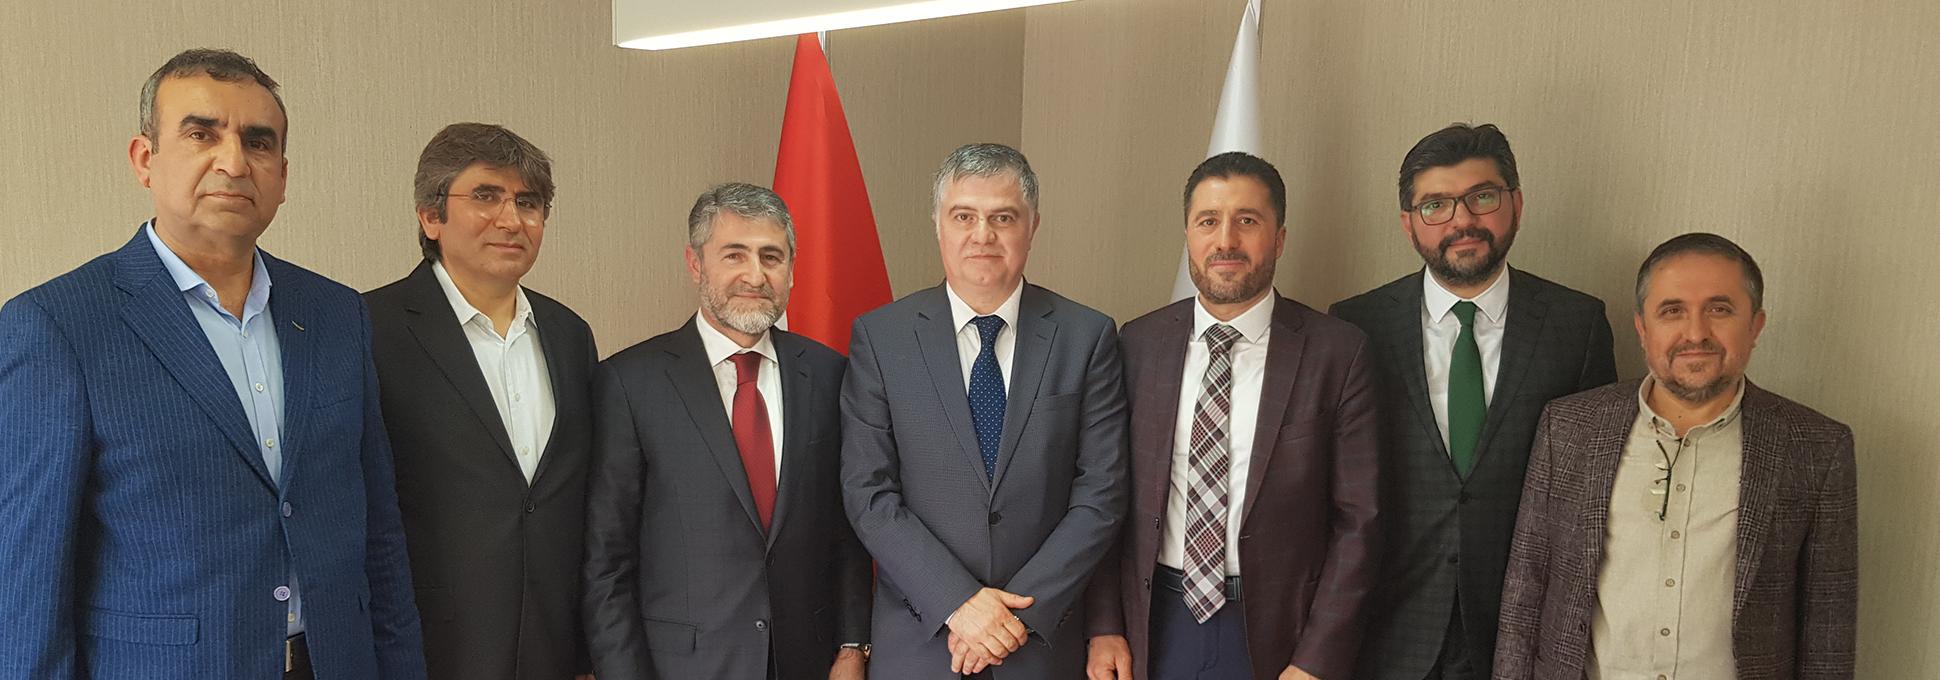 T.C. Hazine ve Maliye Bakan Yardımcısı Dr. Nureddin Nebati'yi ziyaret ettik